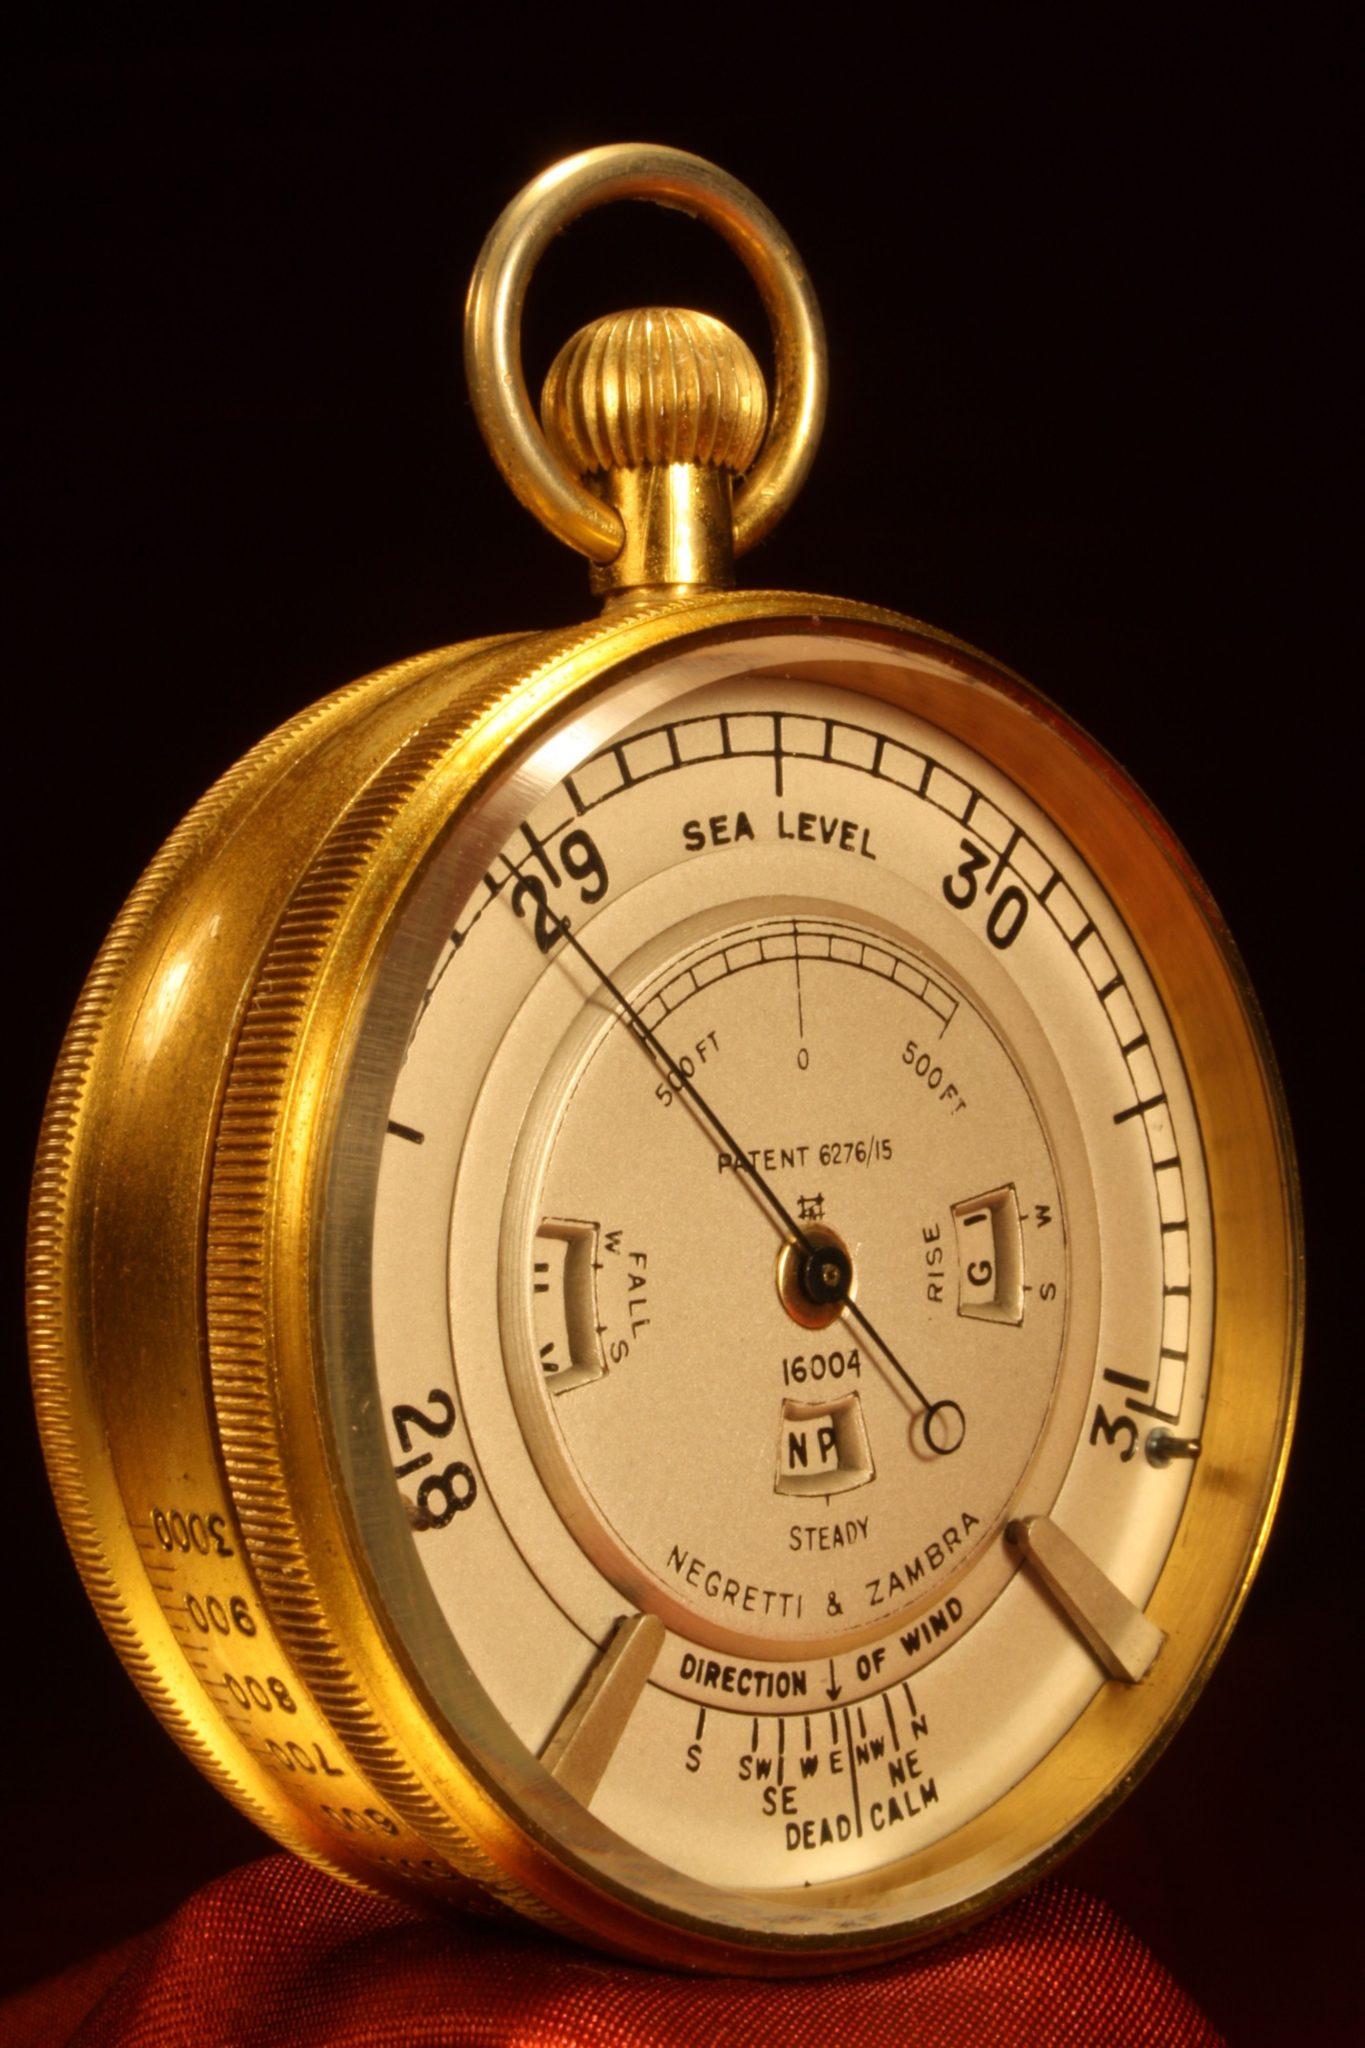 Image of Negretti & Zambra Weather Watch No 16004